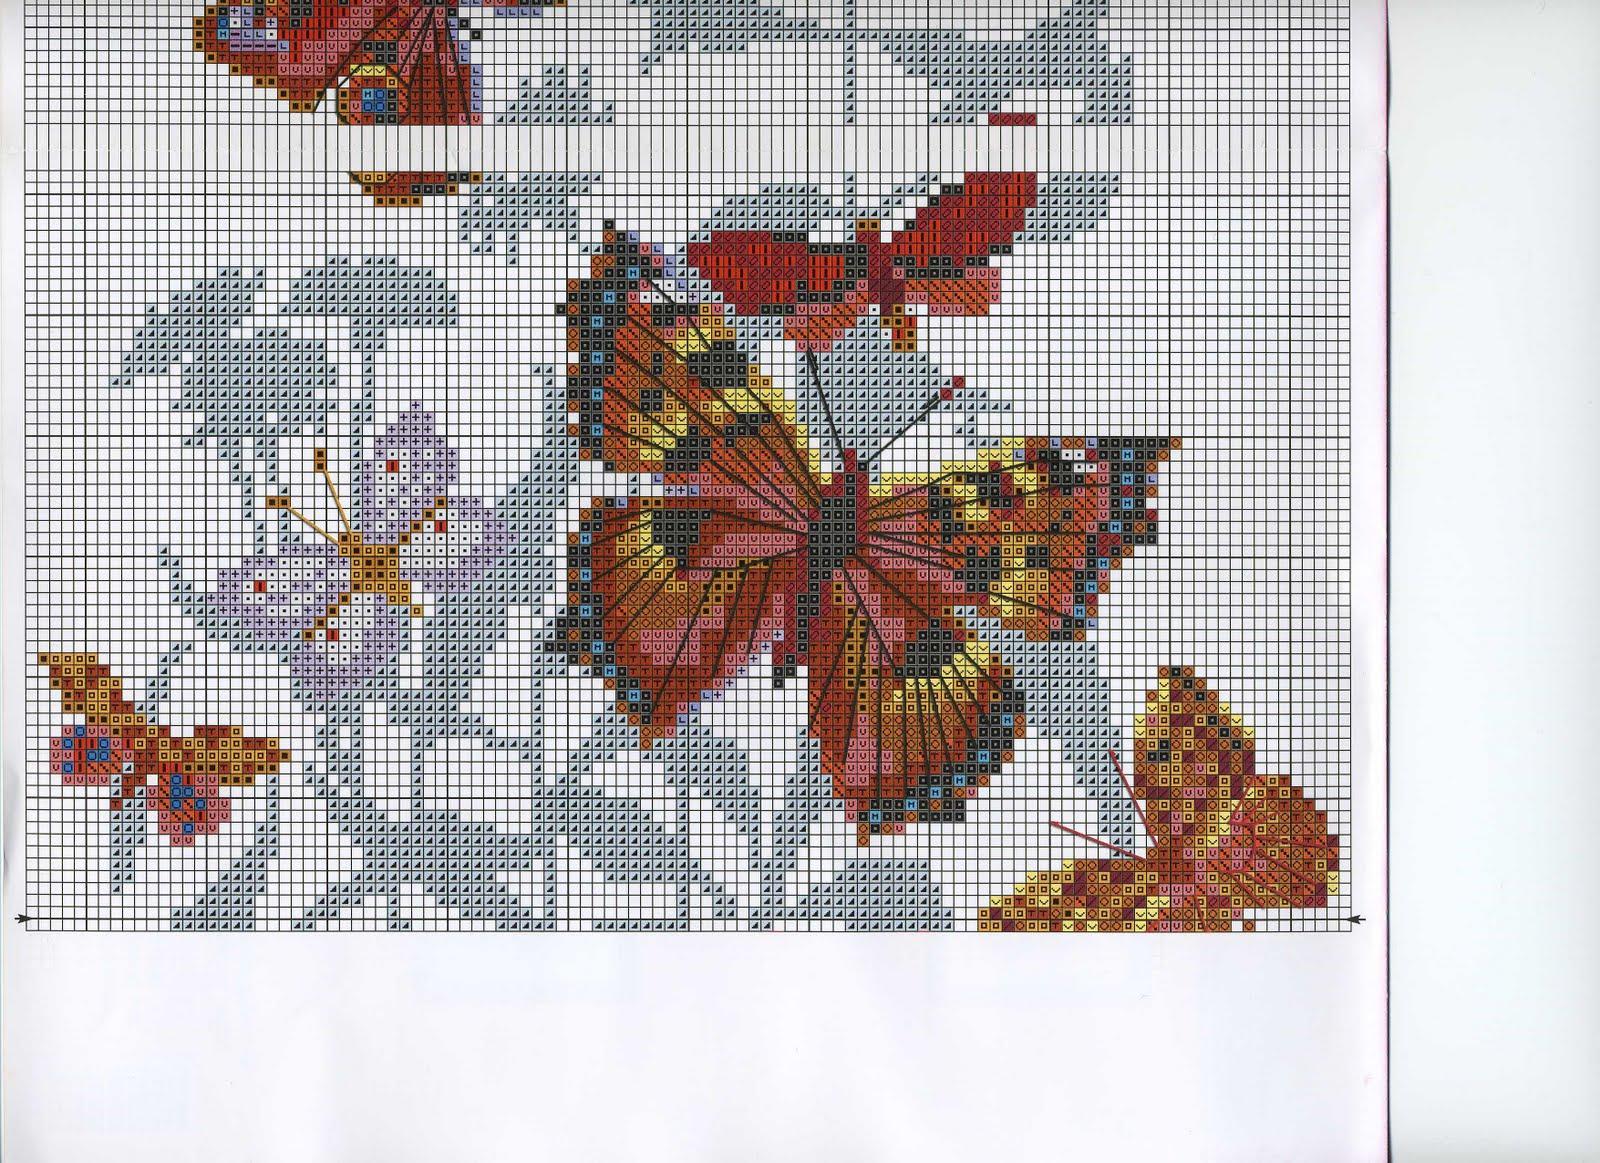 Вышивка схема бабочки скачать бесплатно